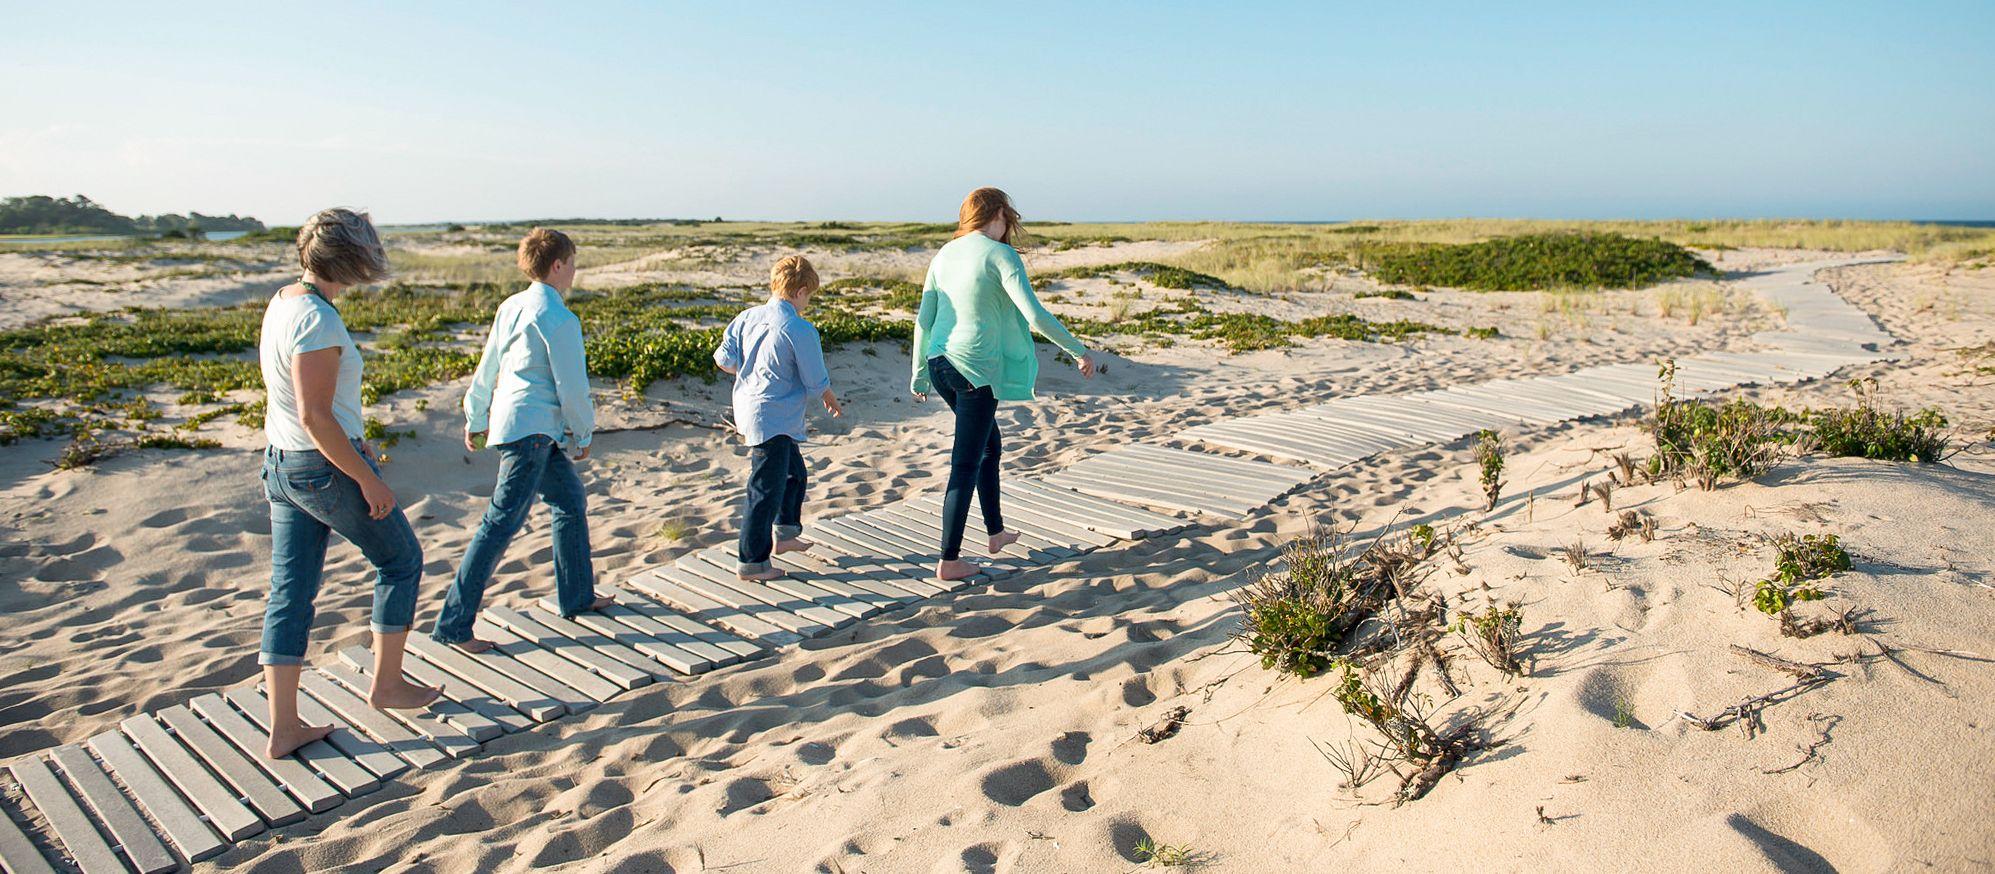 Ein Familien Ausflug am Strand der Insel Martha's Vineyard in Massachusetts